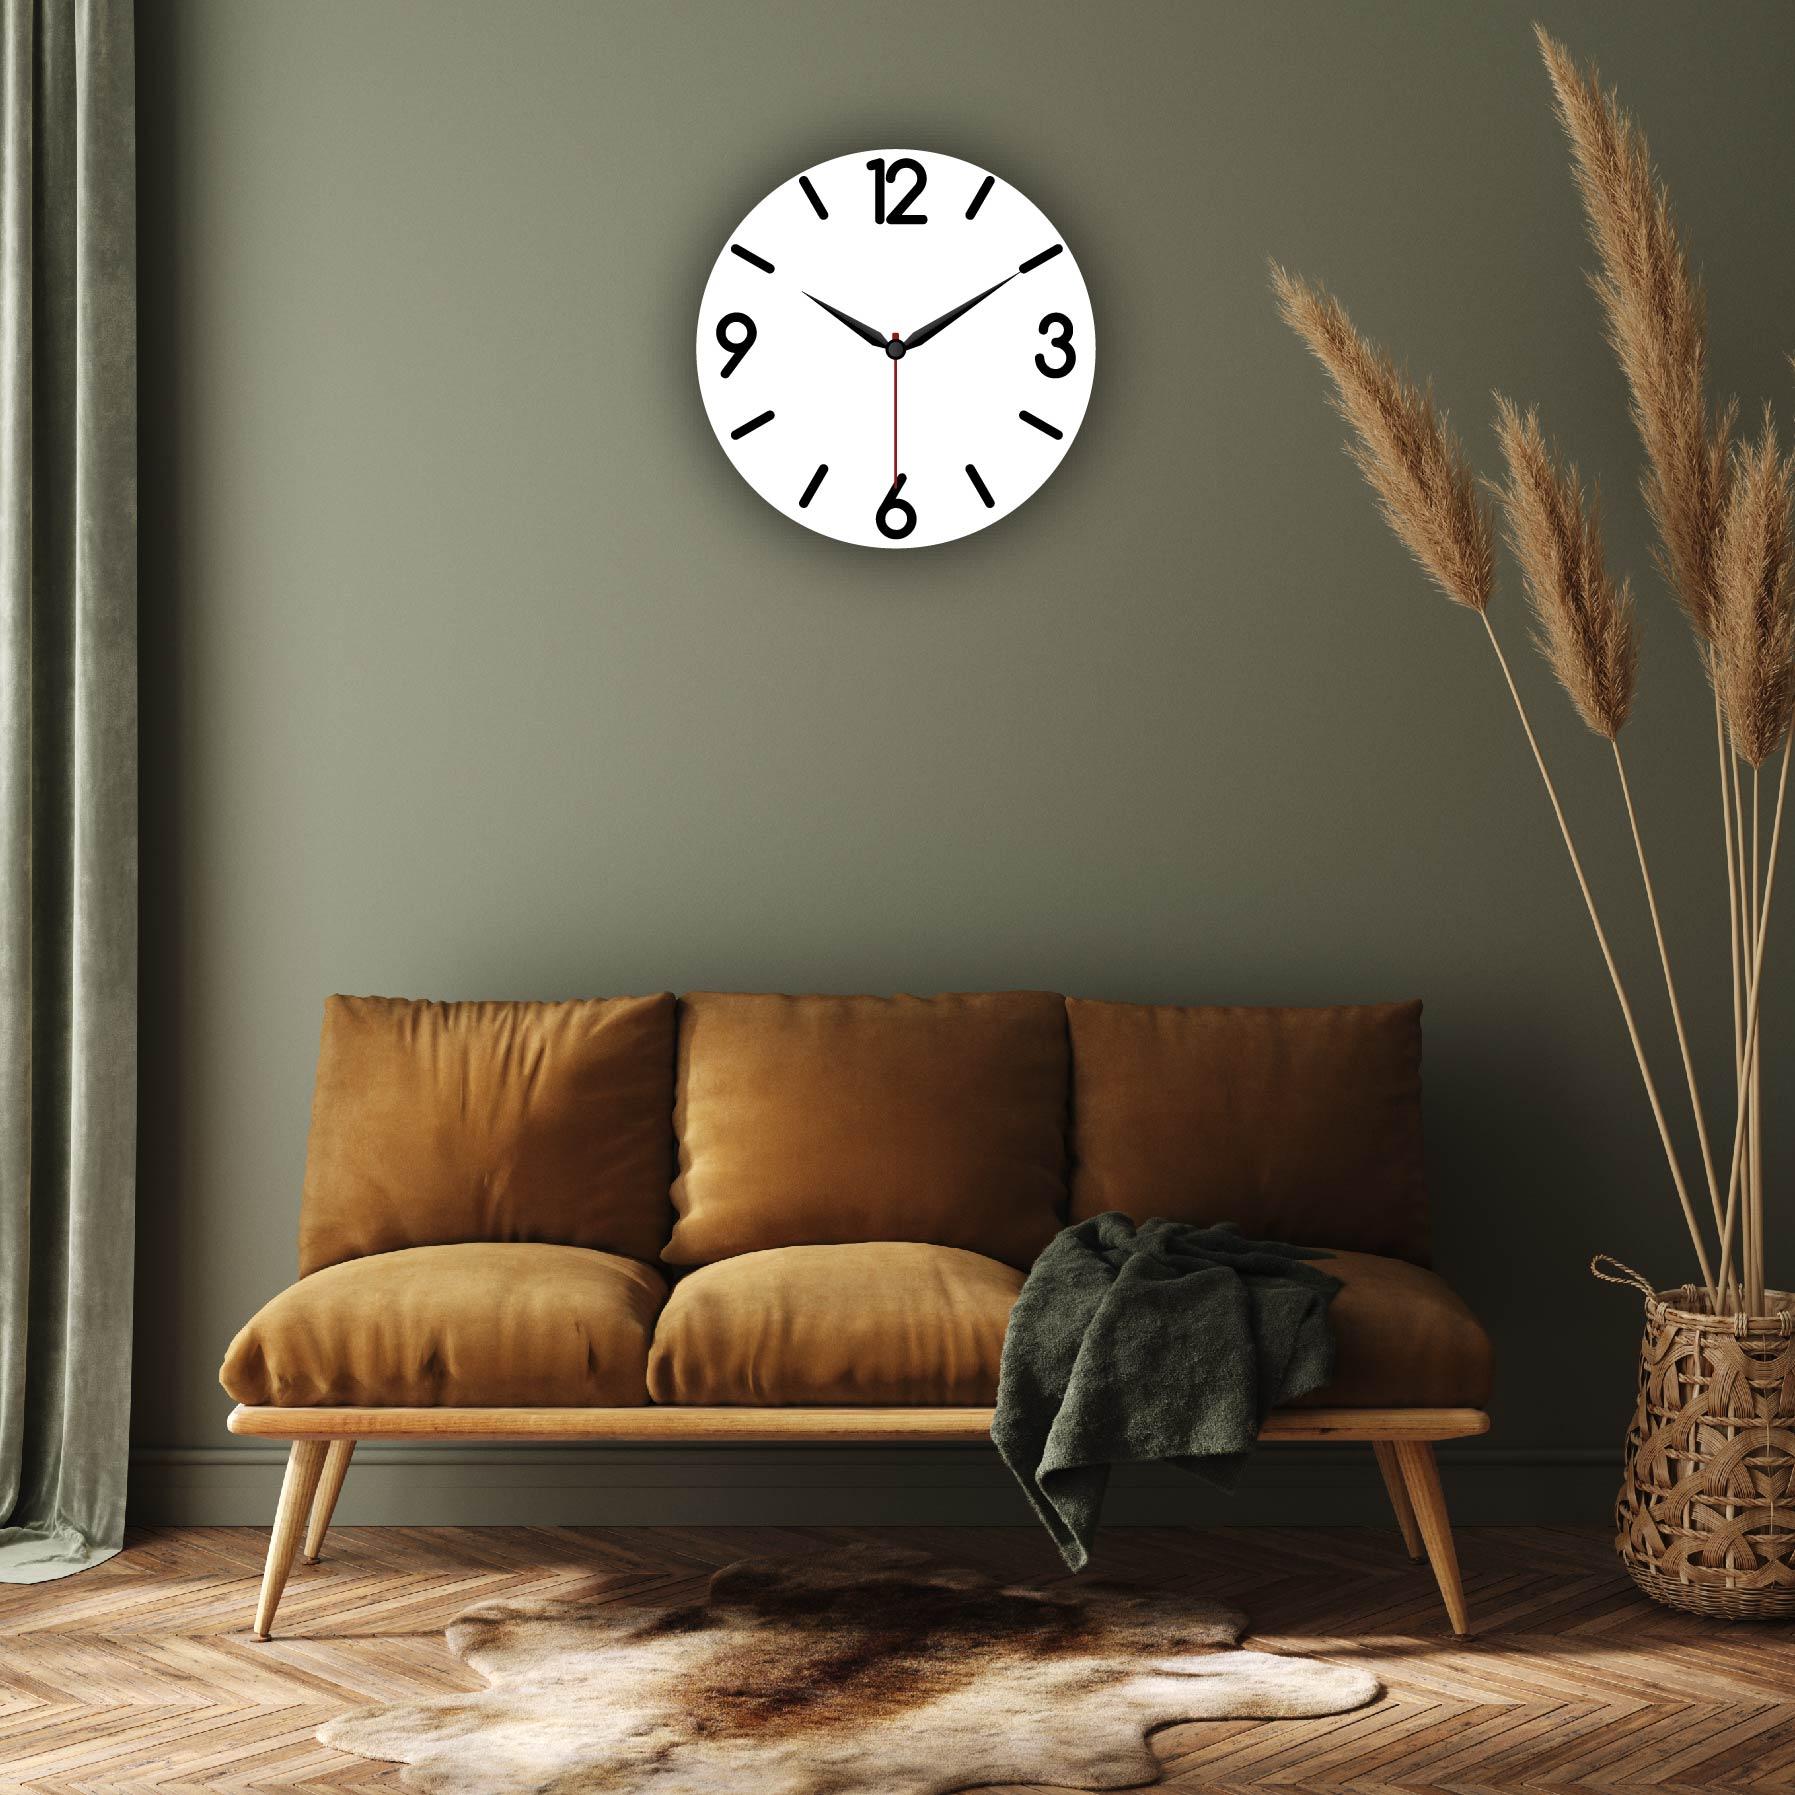 Dijital Baskılı Dekoratif Mdf Duvar Saati Model-103